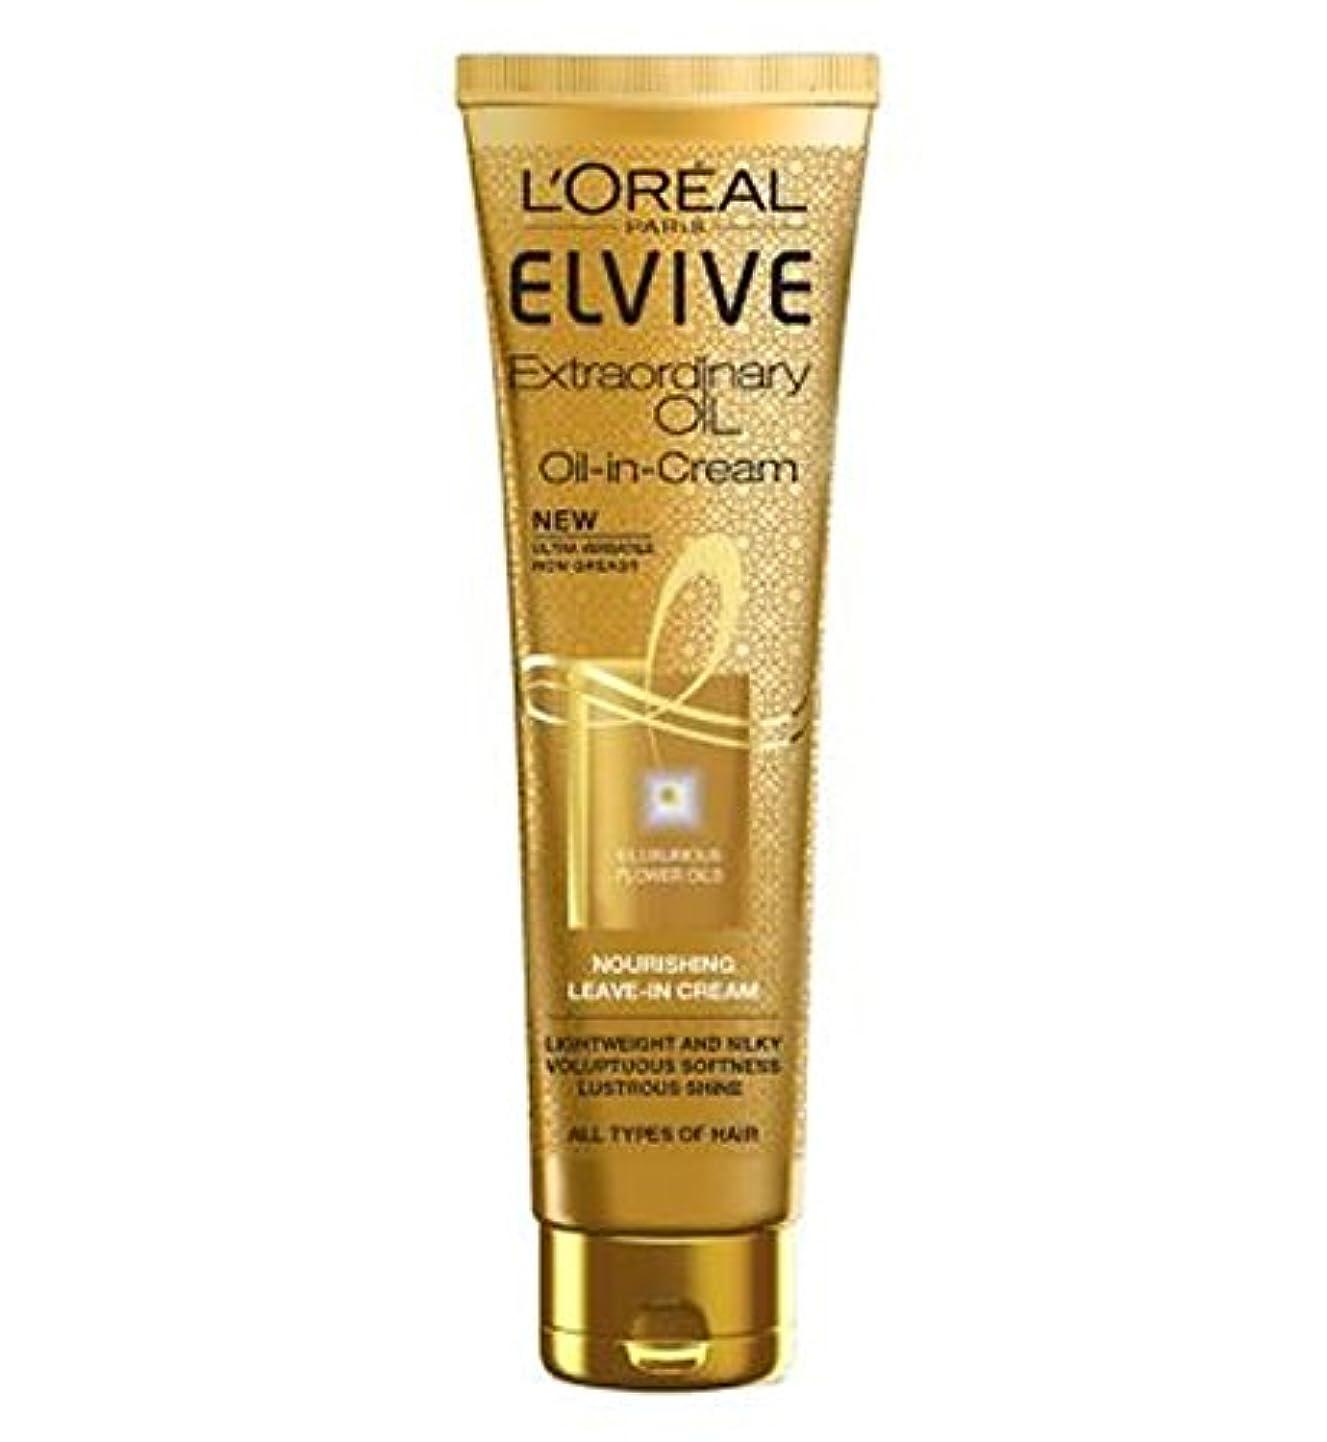 富豪とげほうきすべての髪のタイプのクリームでロレアルパリElvive臨時オイル (L'Oreal) (x2) - L'Oreal Paris Elvive Extraordinary Oil in Cream All Hair Types...